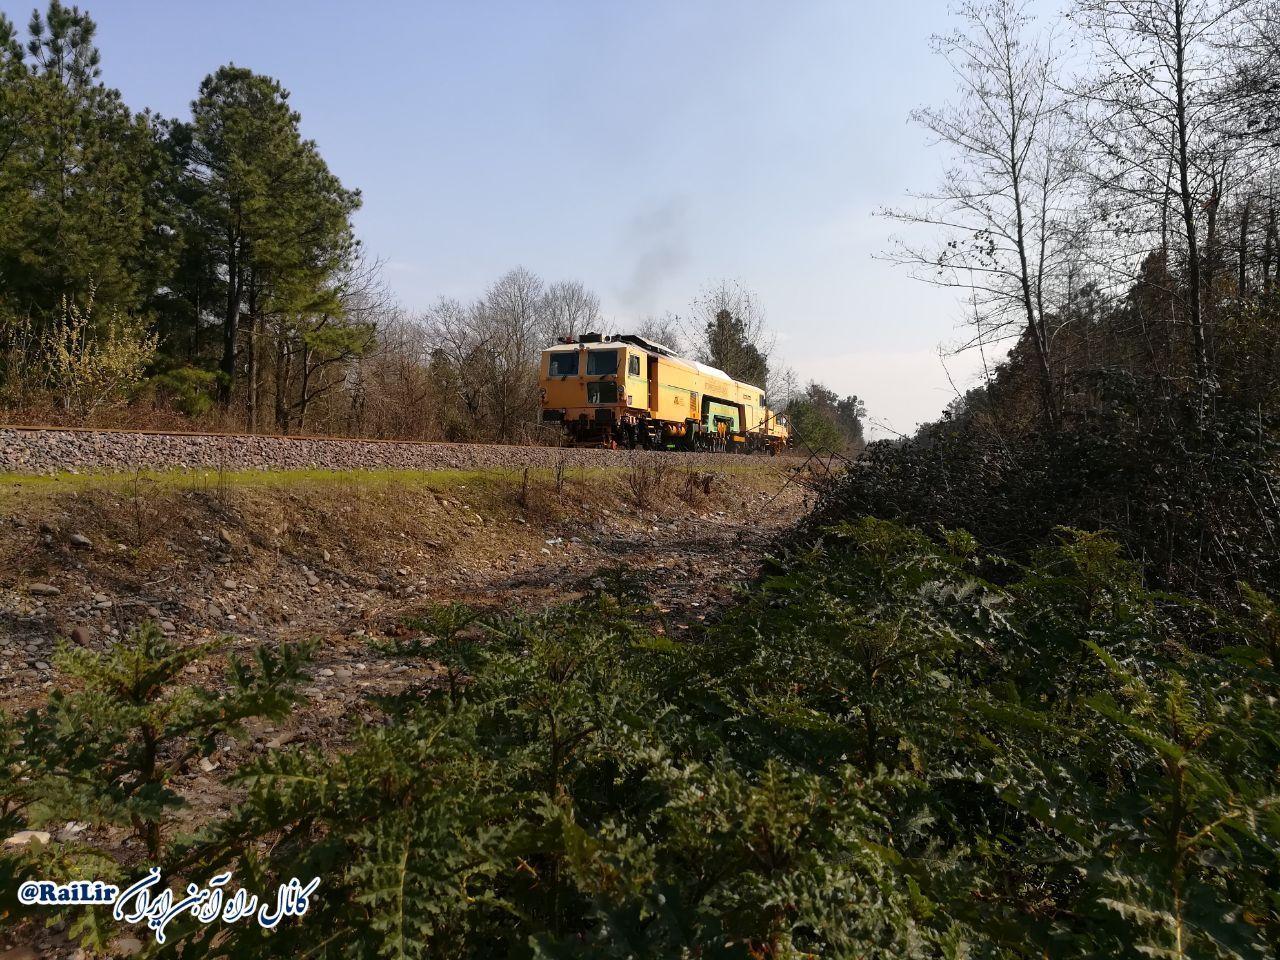 پروژه راهآهن قزوین – رشت نقش حیاتی برای کشور دارد/ اتصال به کشورهای اروپایی با تکمیل راهآهن قزوین – رشت